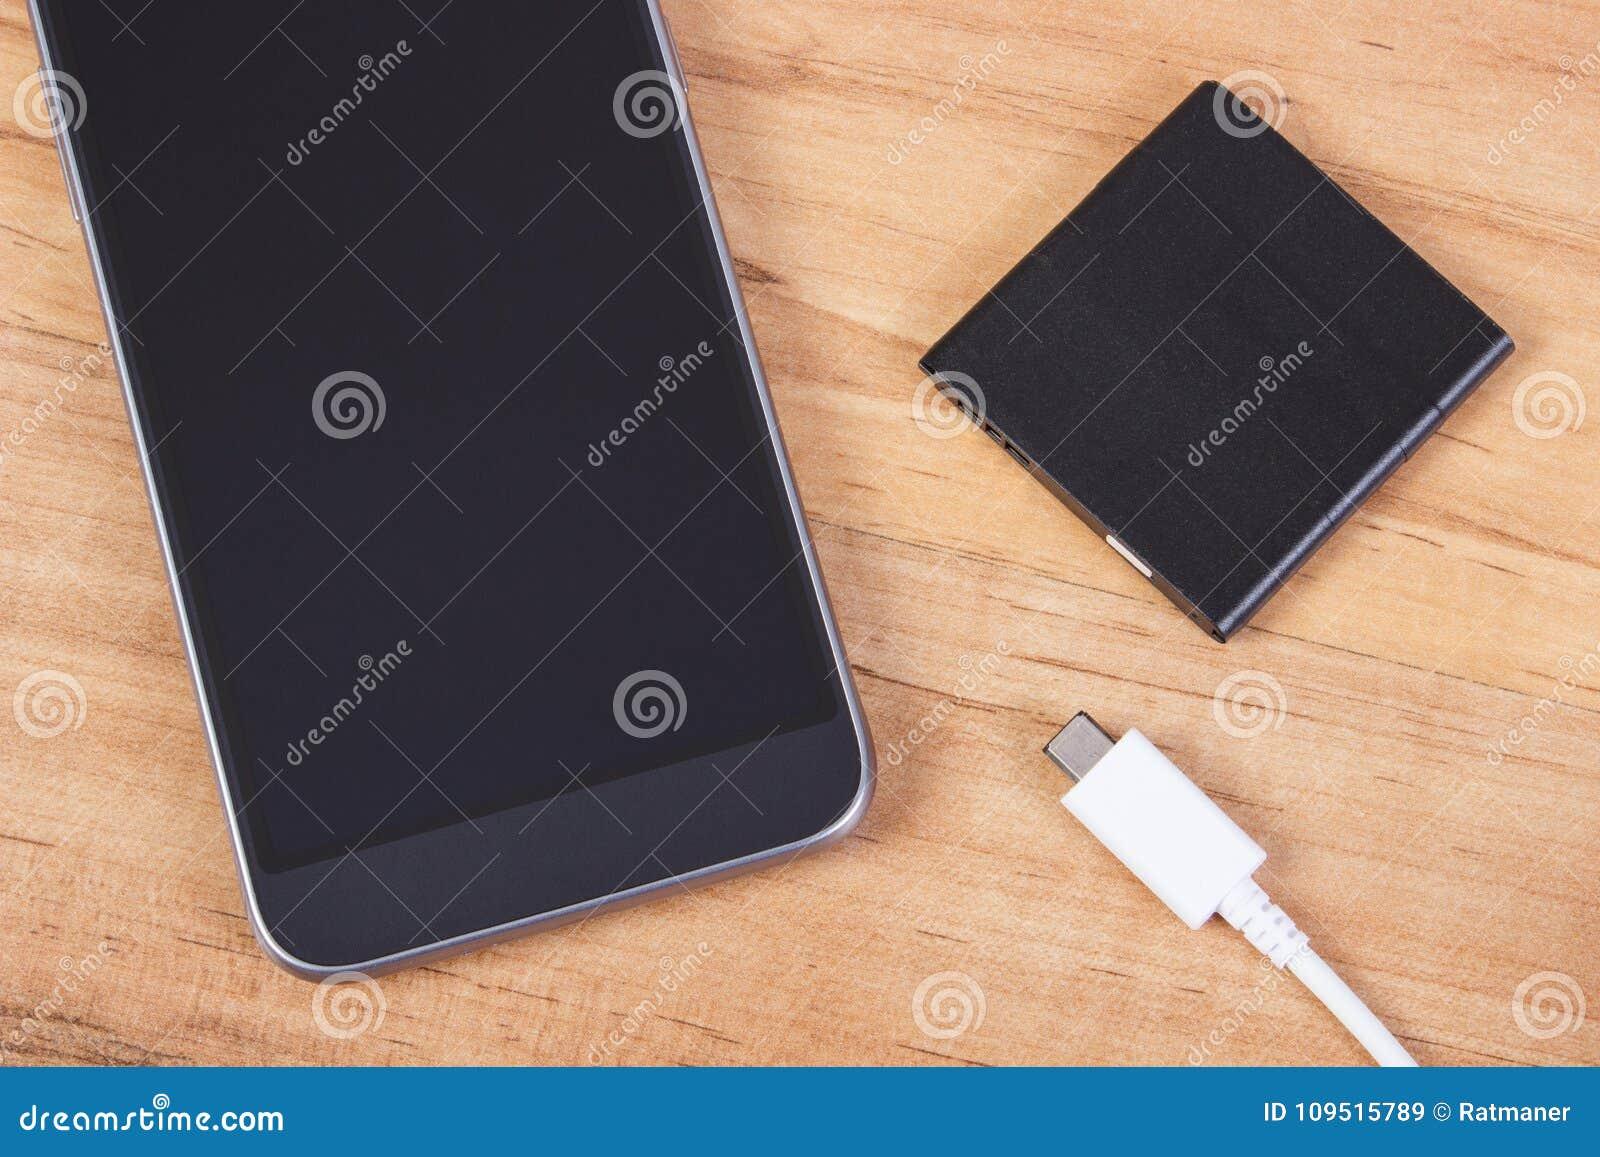 Teléfono móvil, enchufe del cargador y batería del teléfono